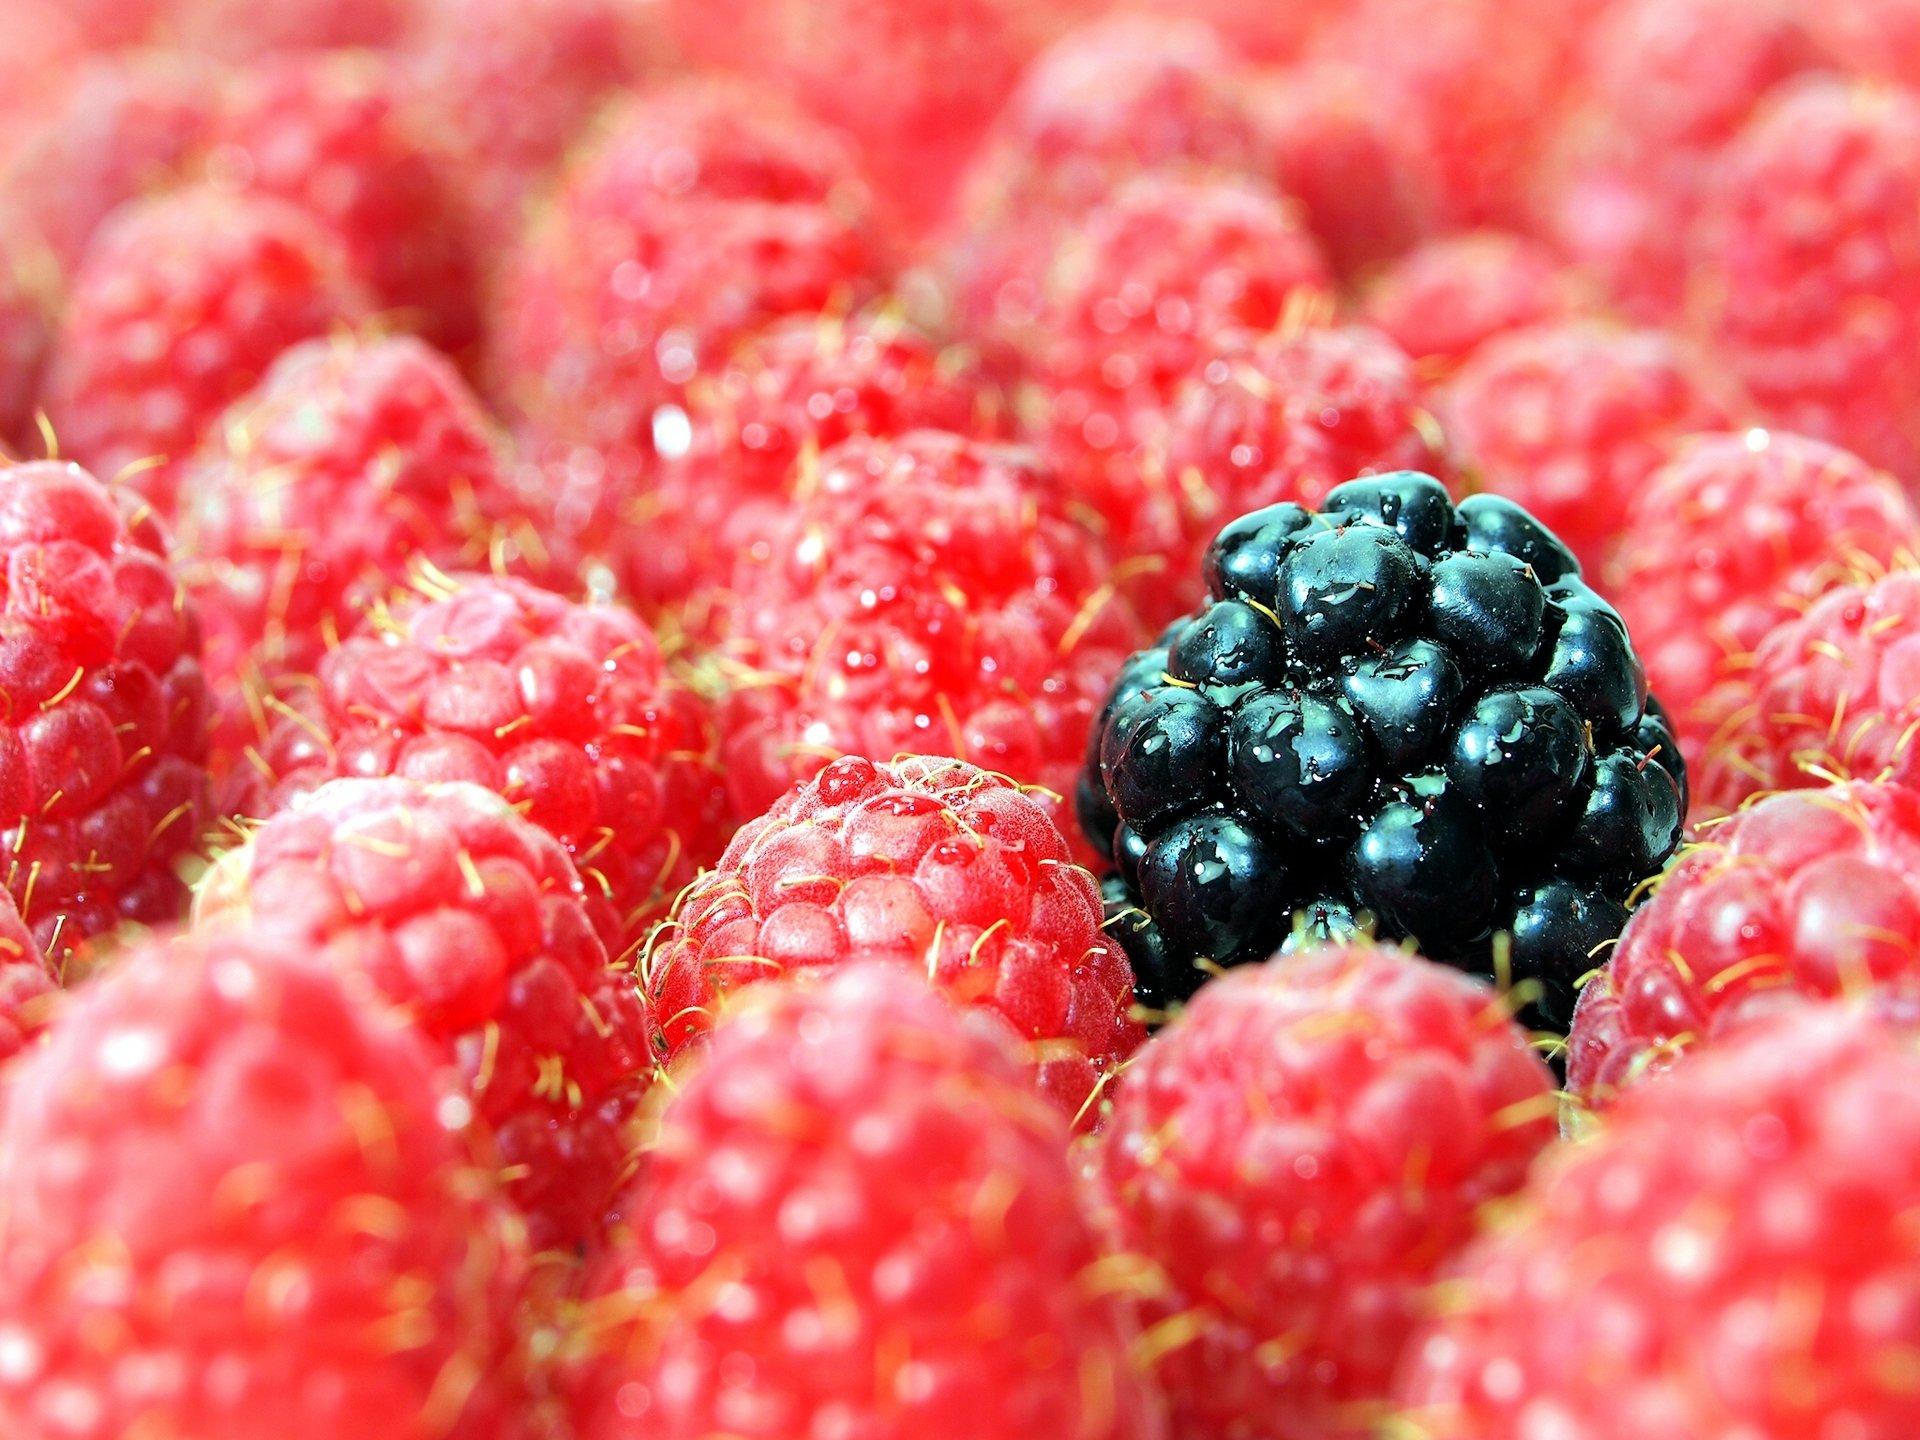 голых картинки на телефон красивые ягоды выступаете роли